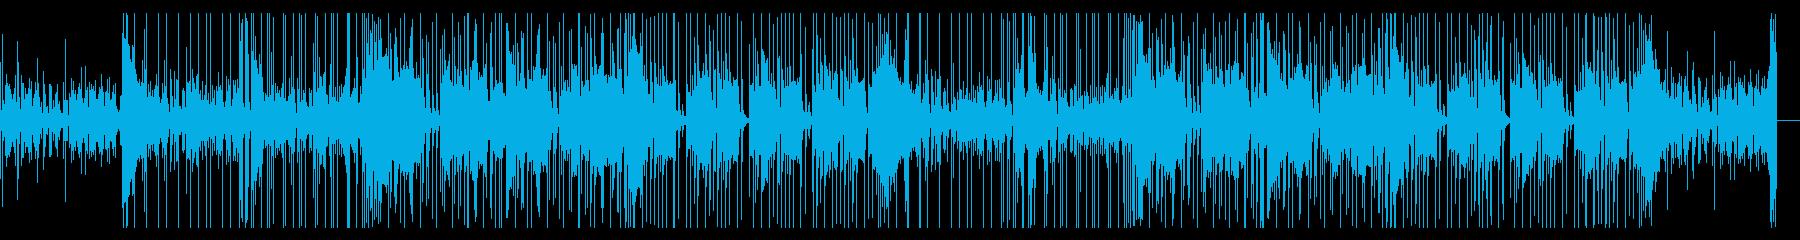 怪しく奇妙な感じのBGMの再生済みの波形